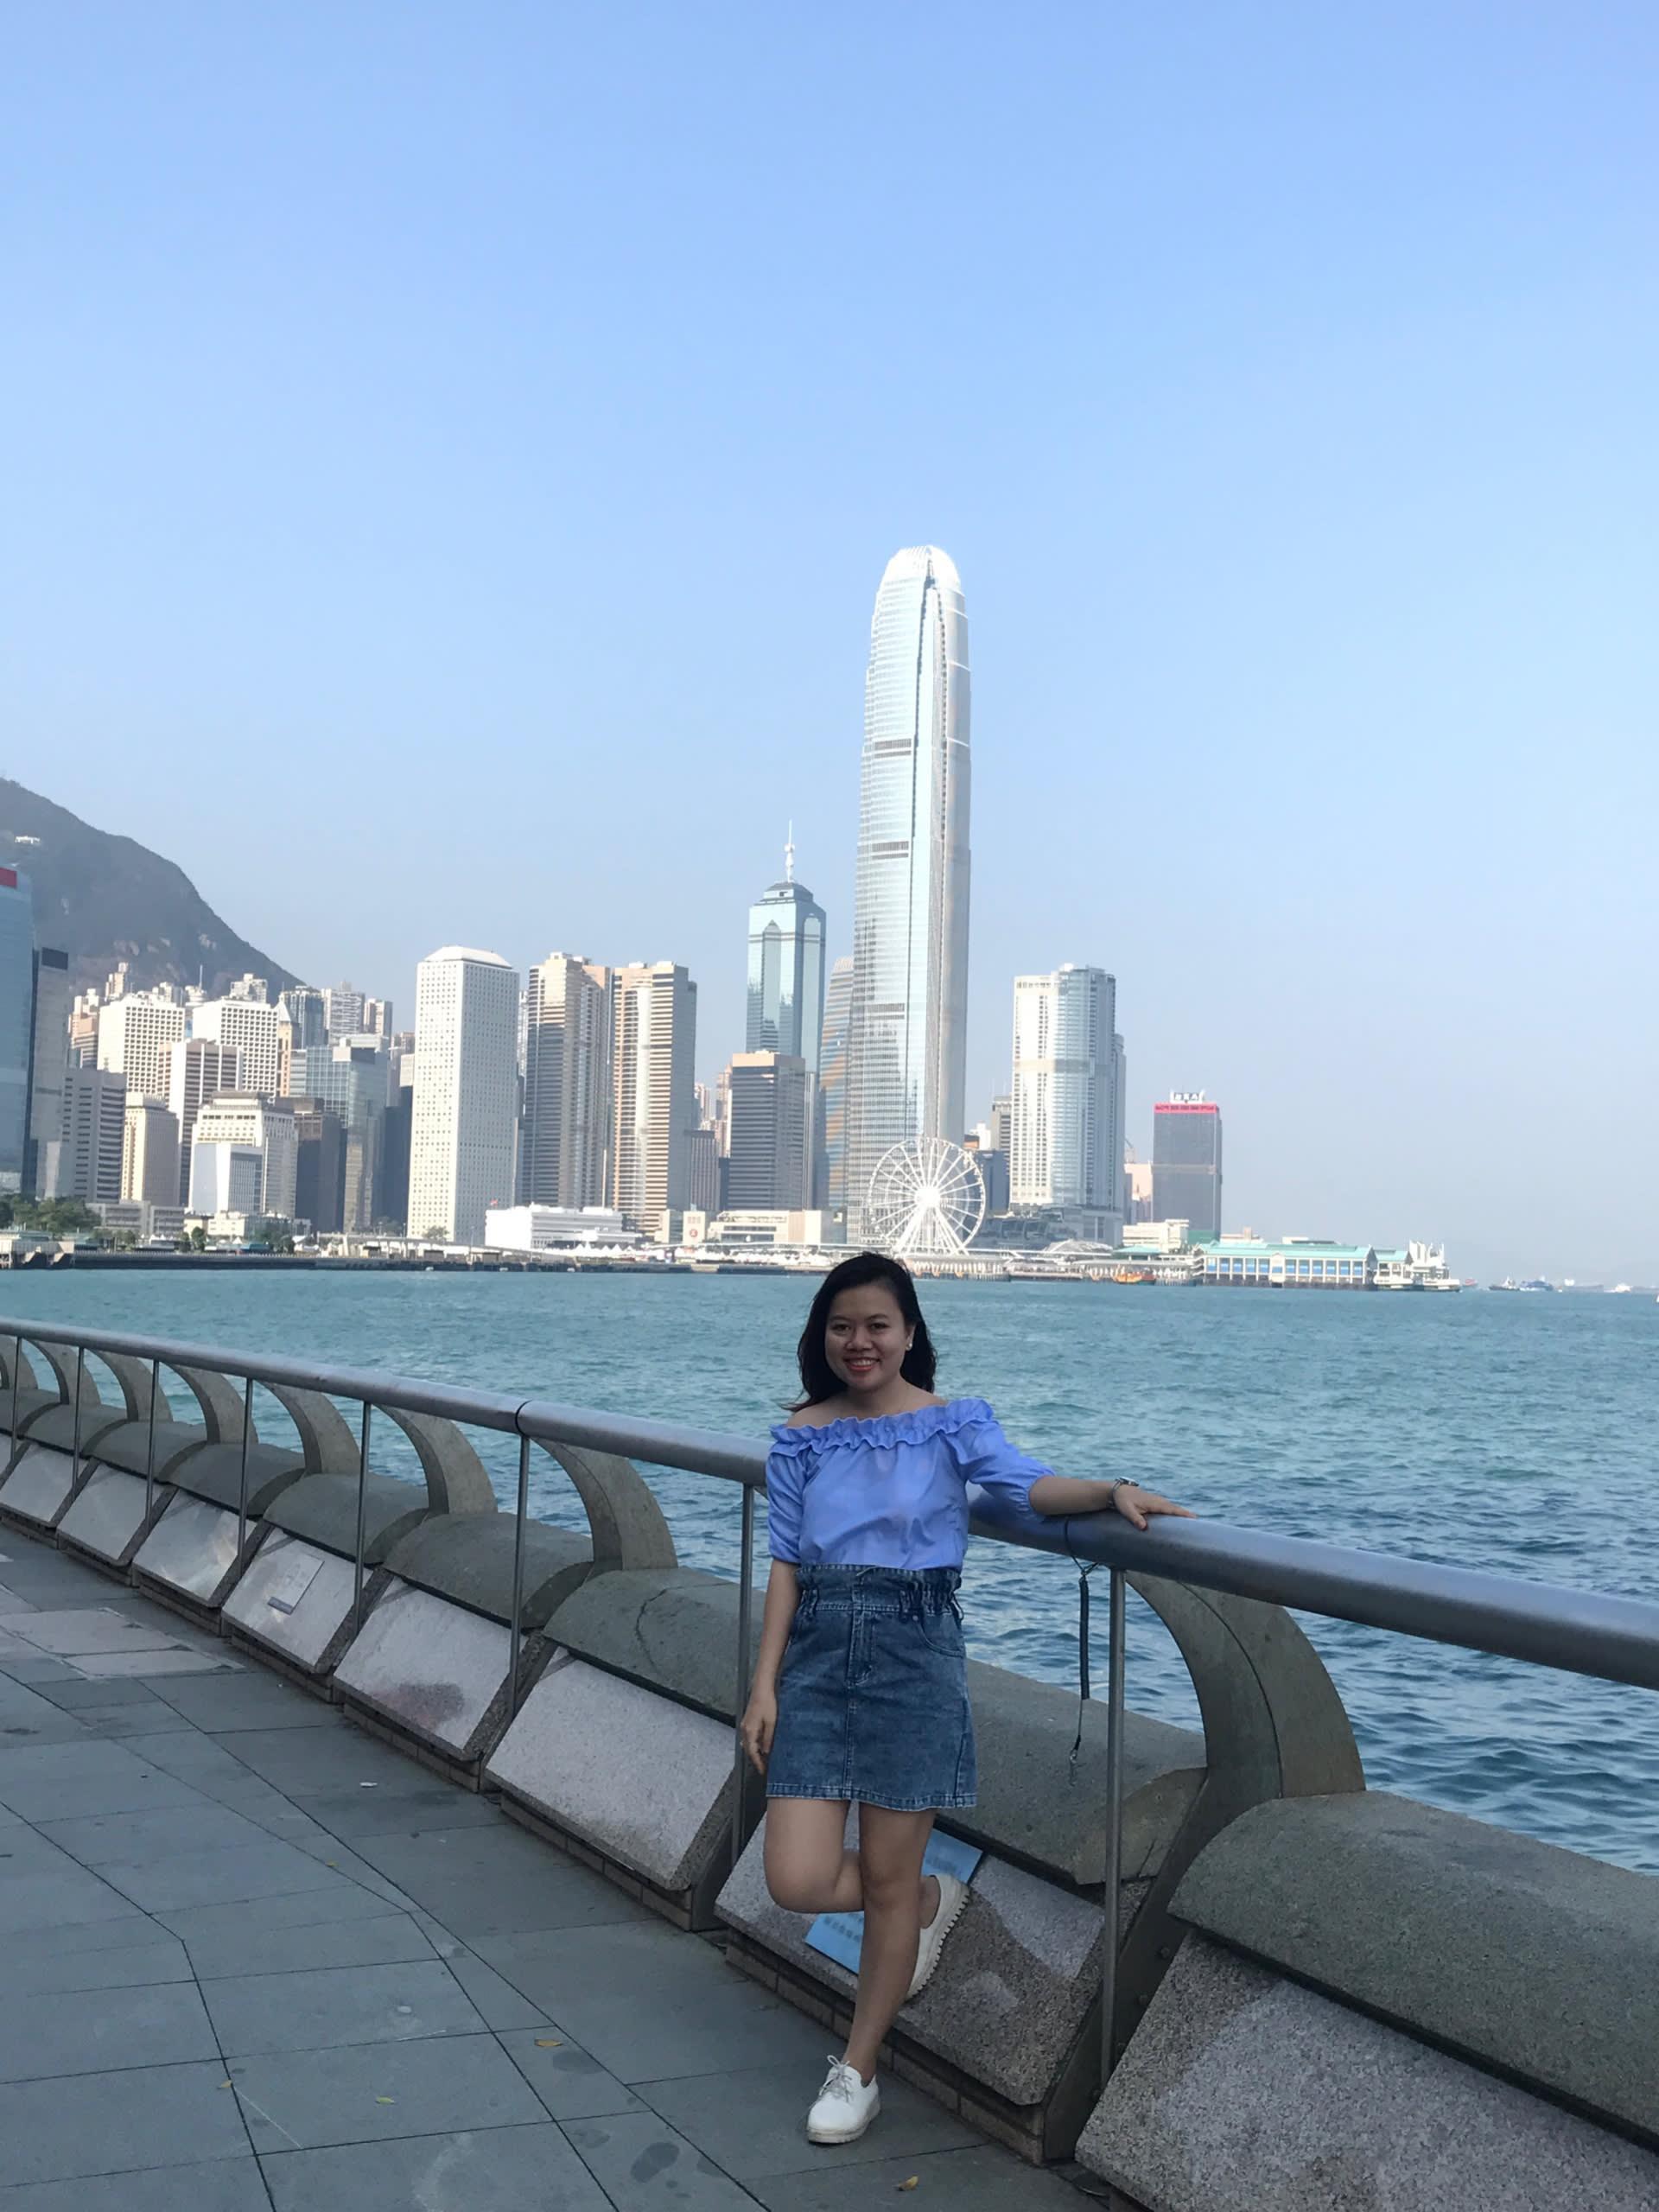 Du lịch tự túc Hồng Kông: Lịch trình 5 ngày cho nhóm bạn 8